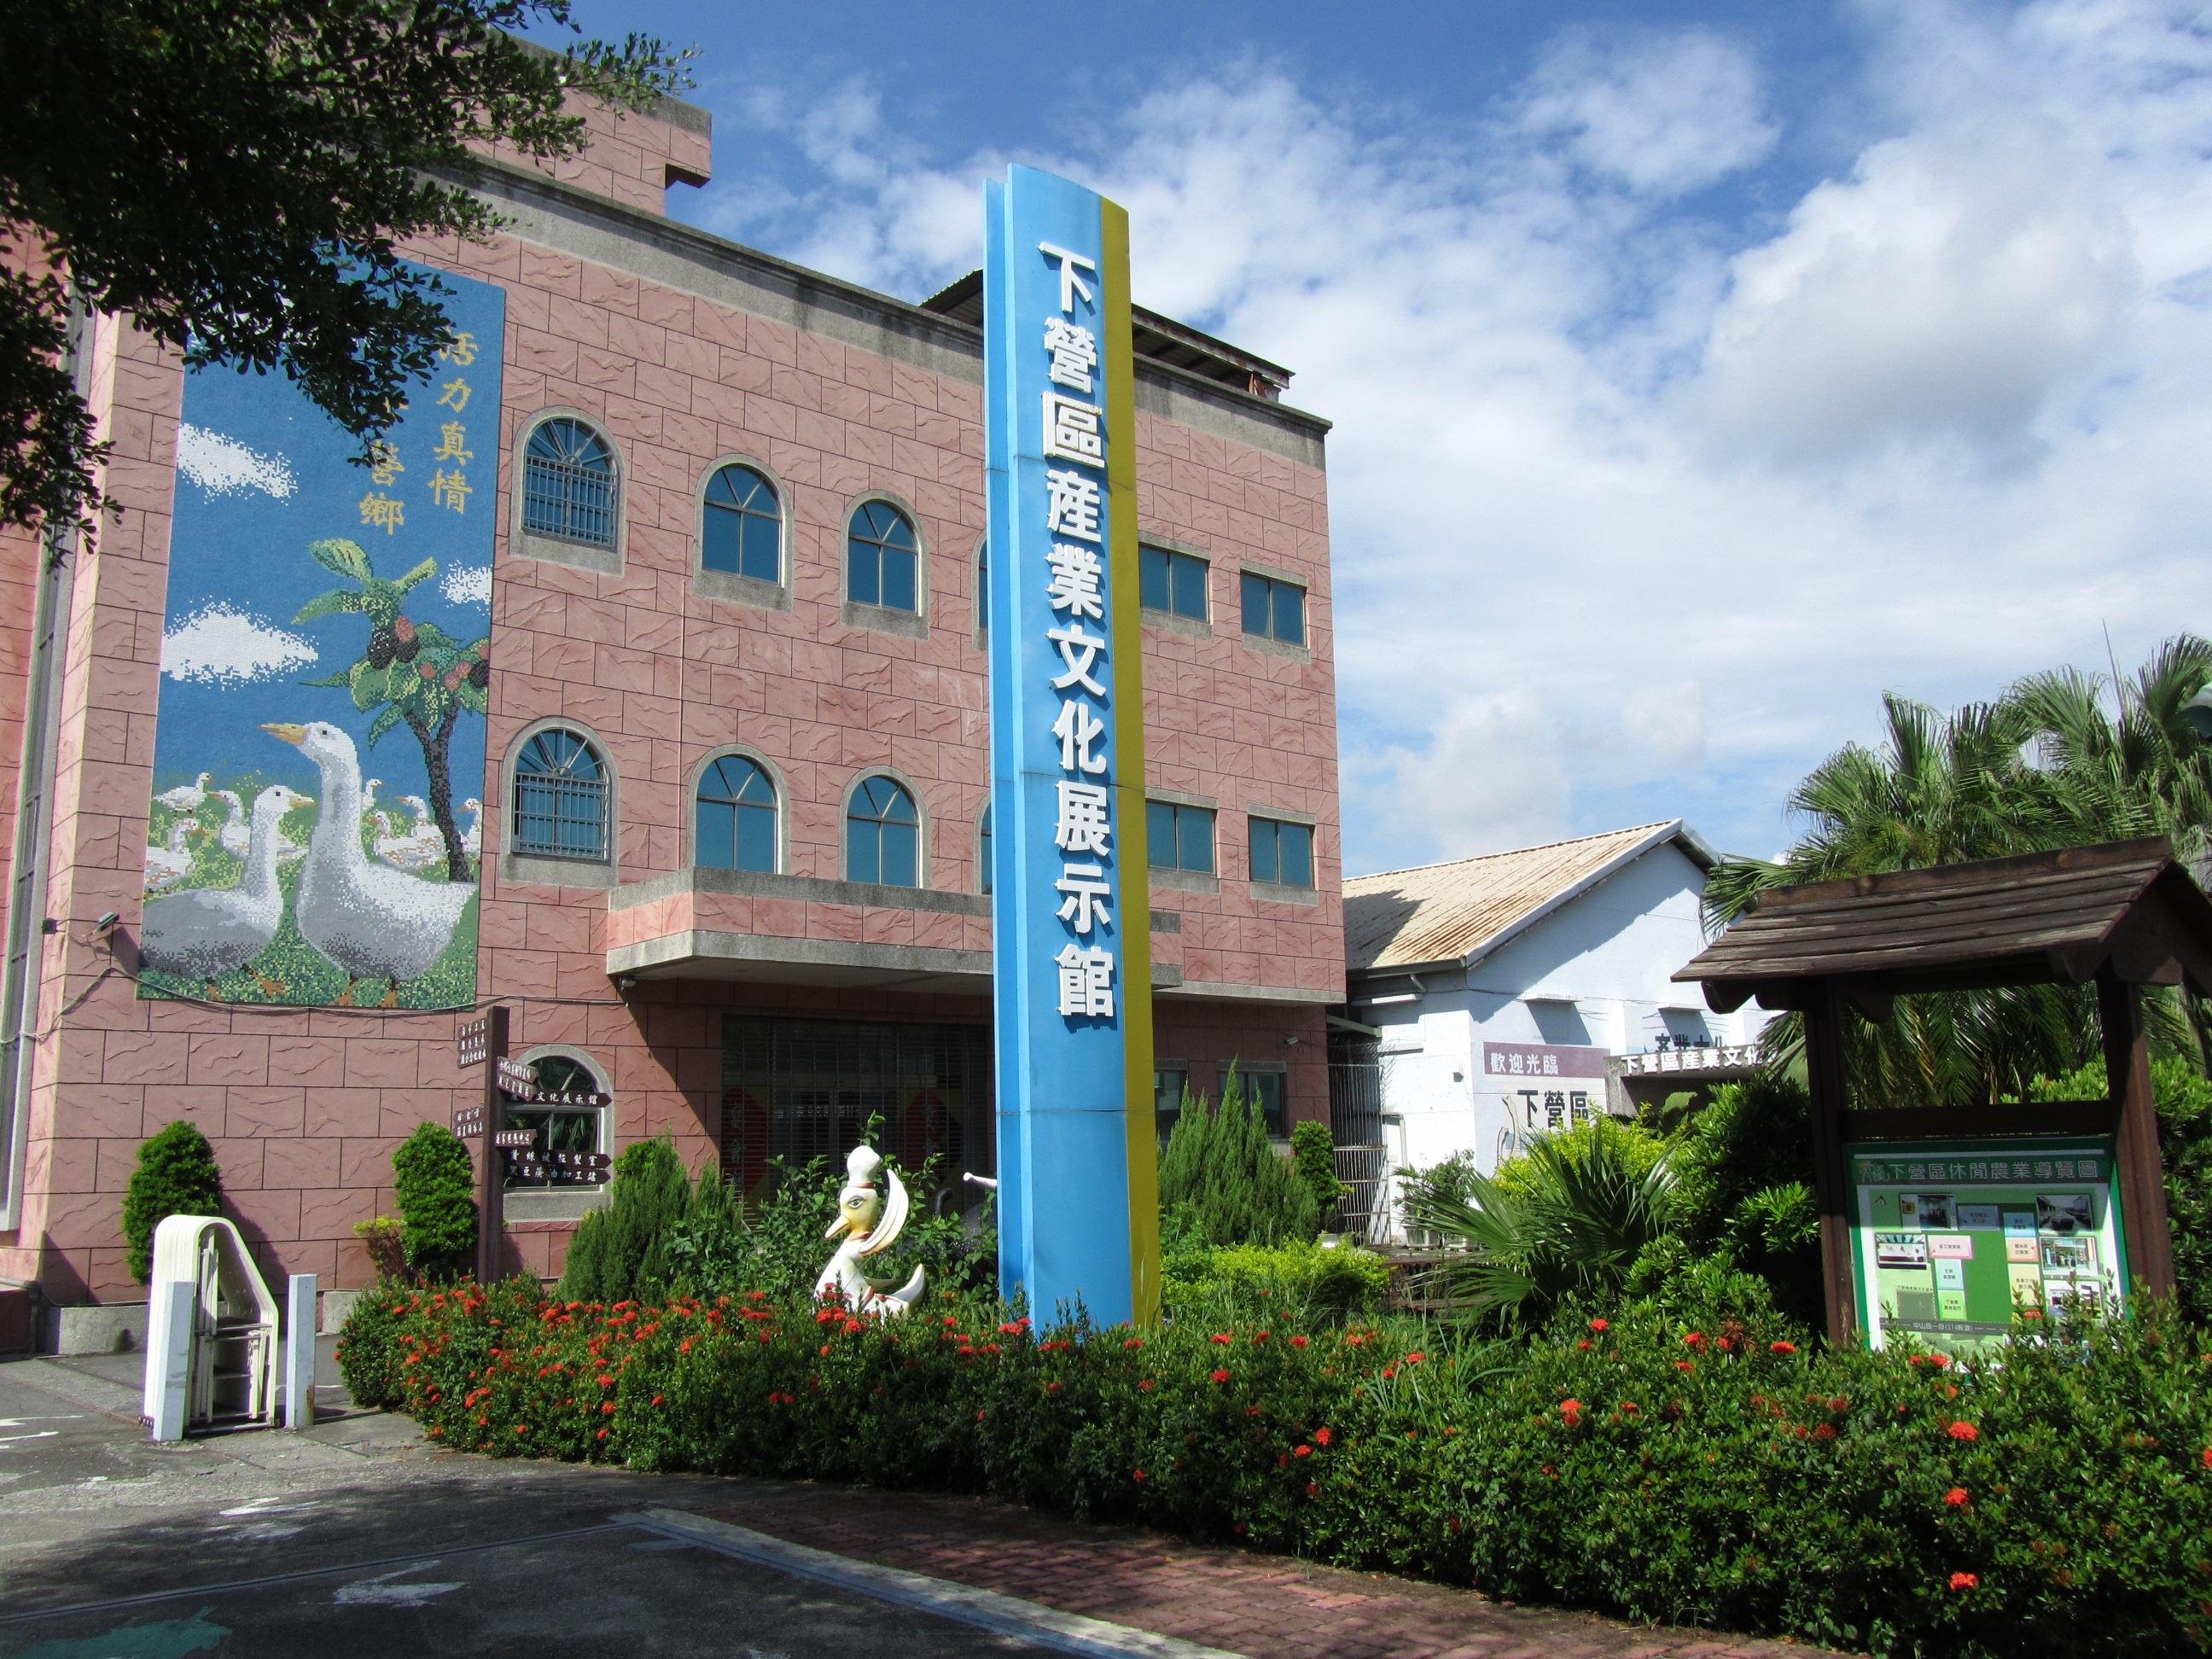 下營區產業文化館